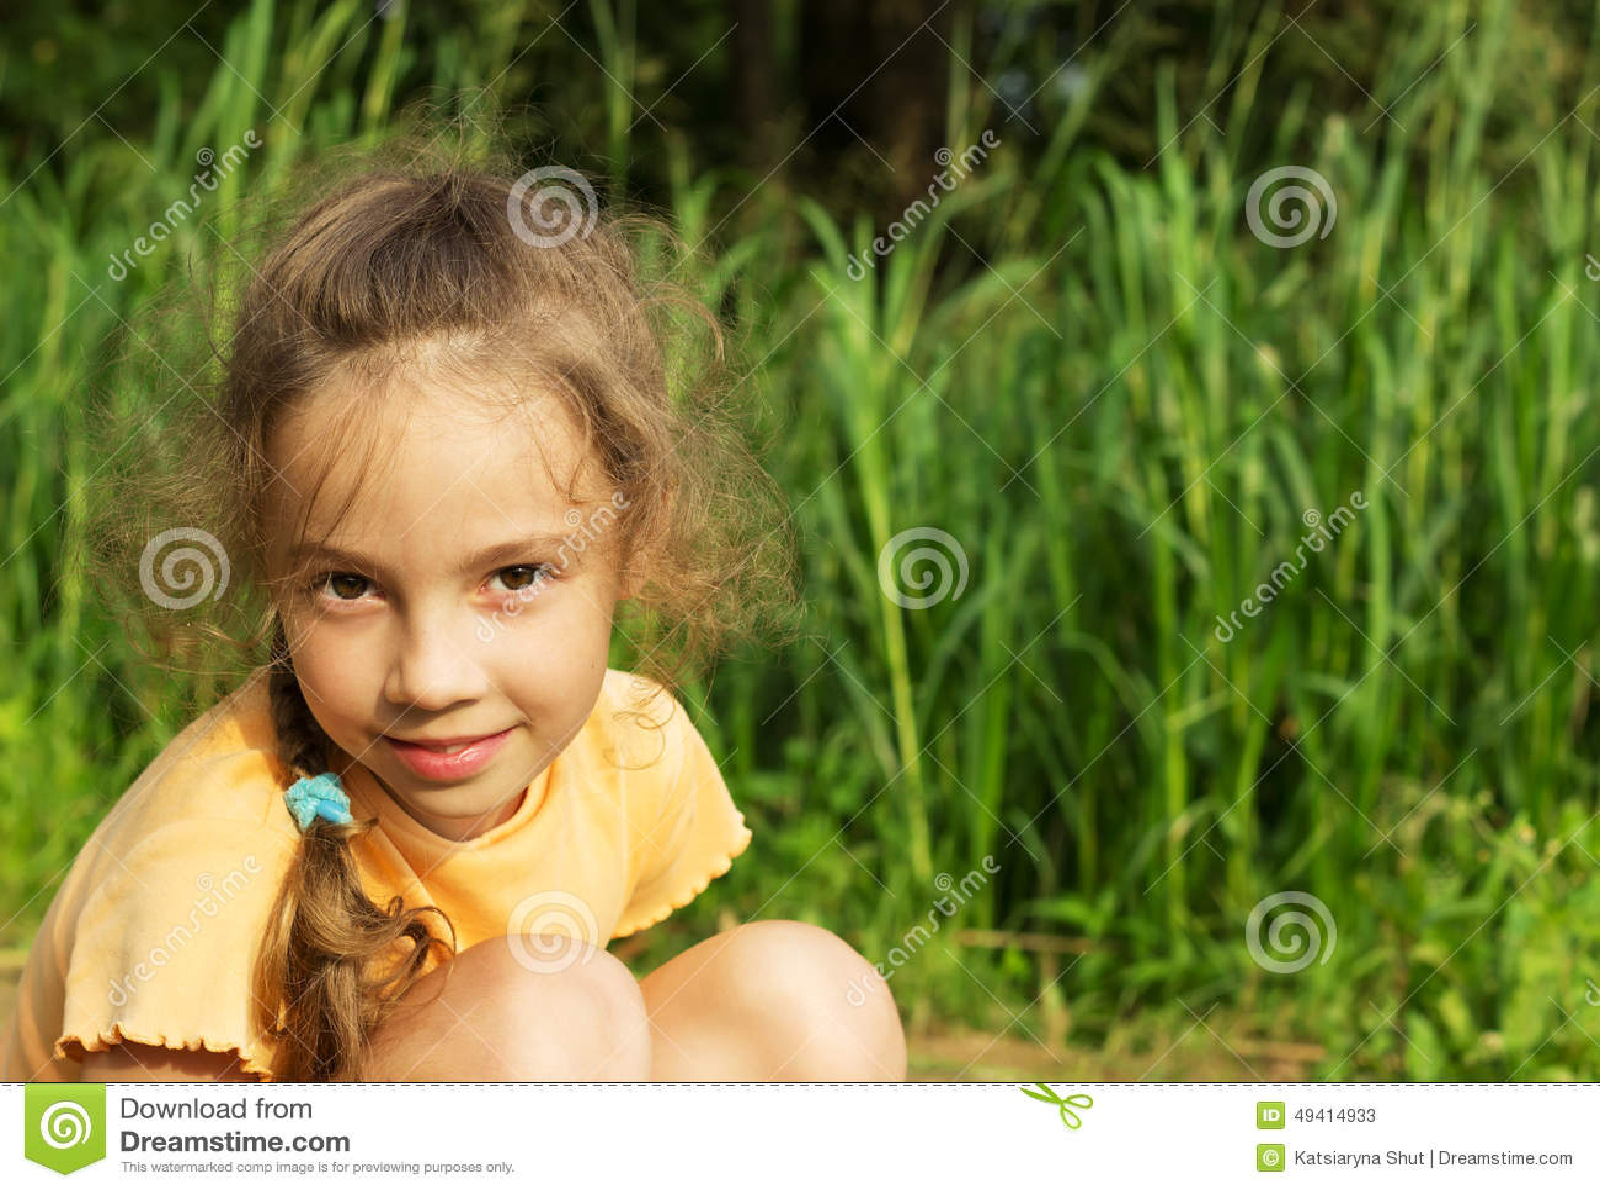 Download Gesundes Lächelndes Mädchen Im Grünen Gras Stockbild - Bild von nave, kindheit: 49414933